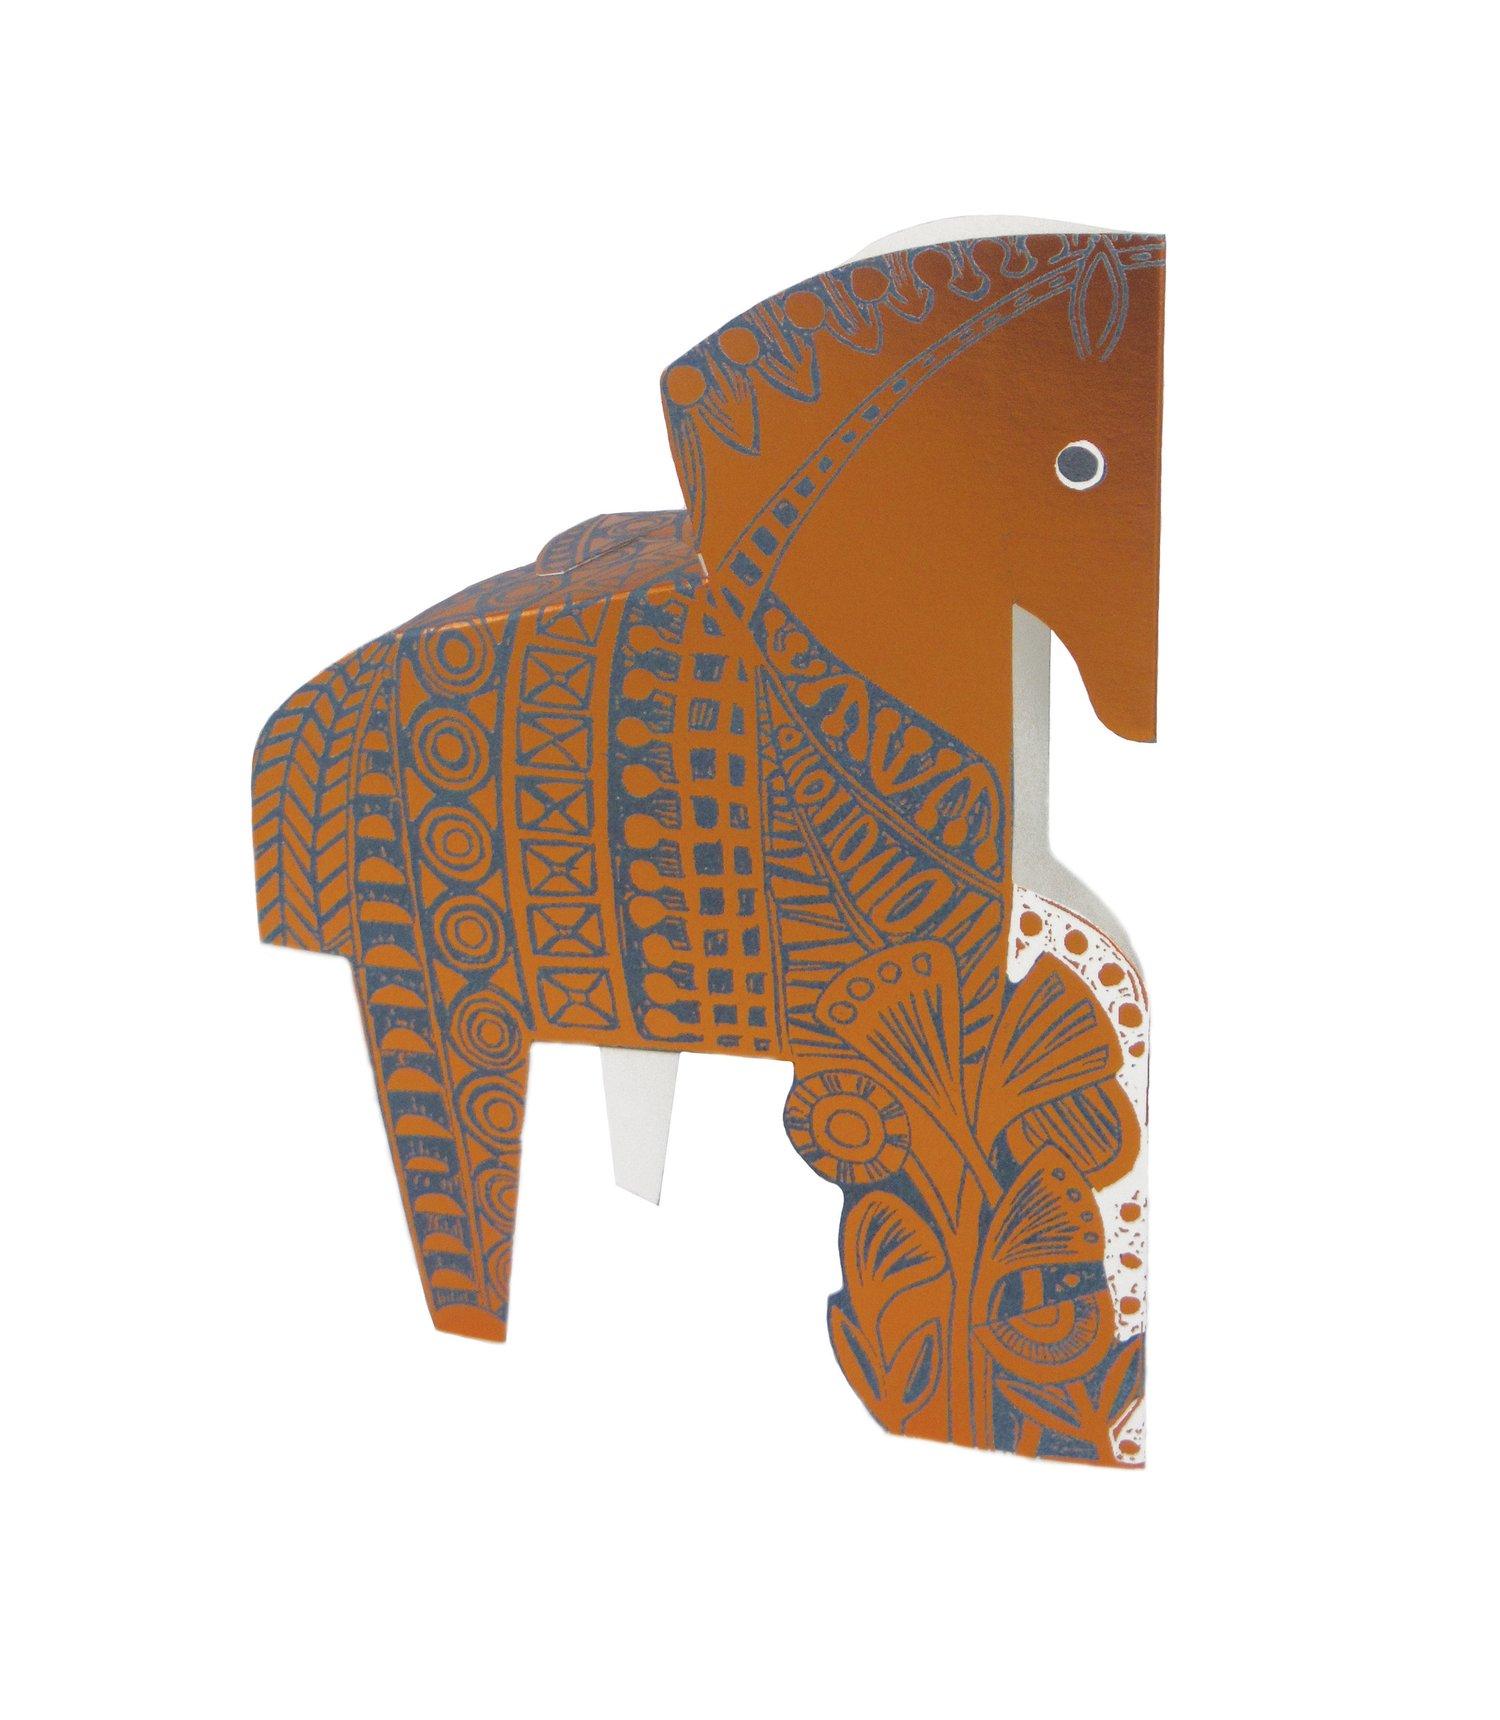 Image of Copper Horse Foil 3D